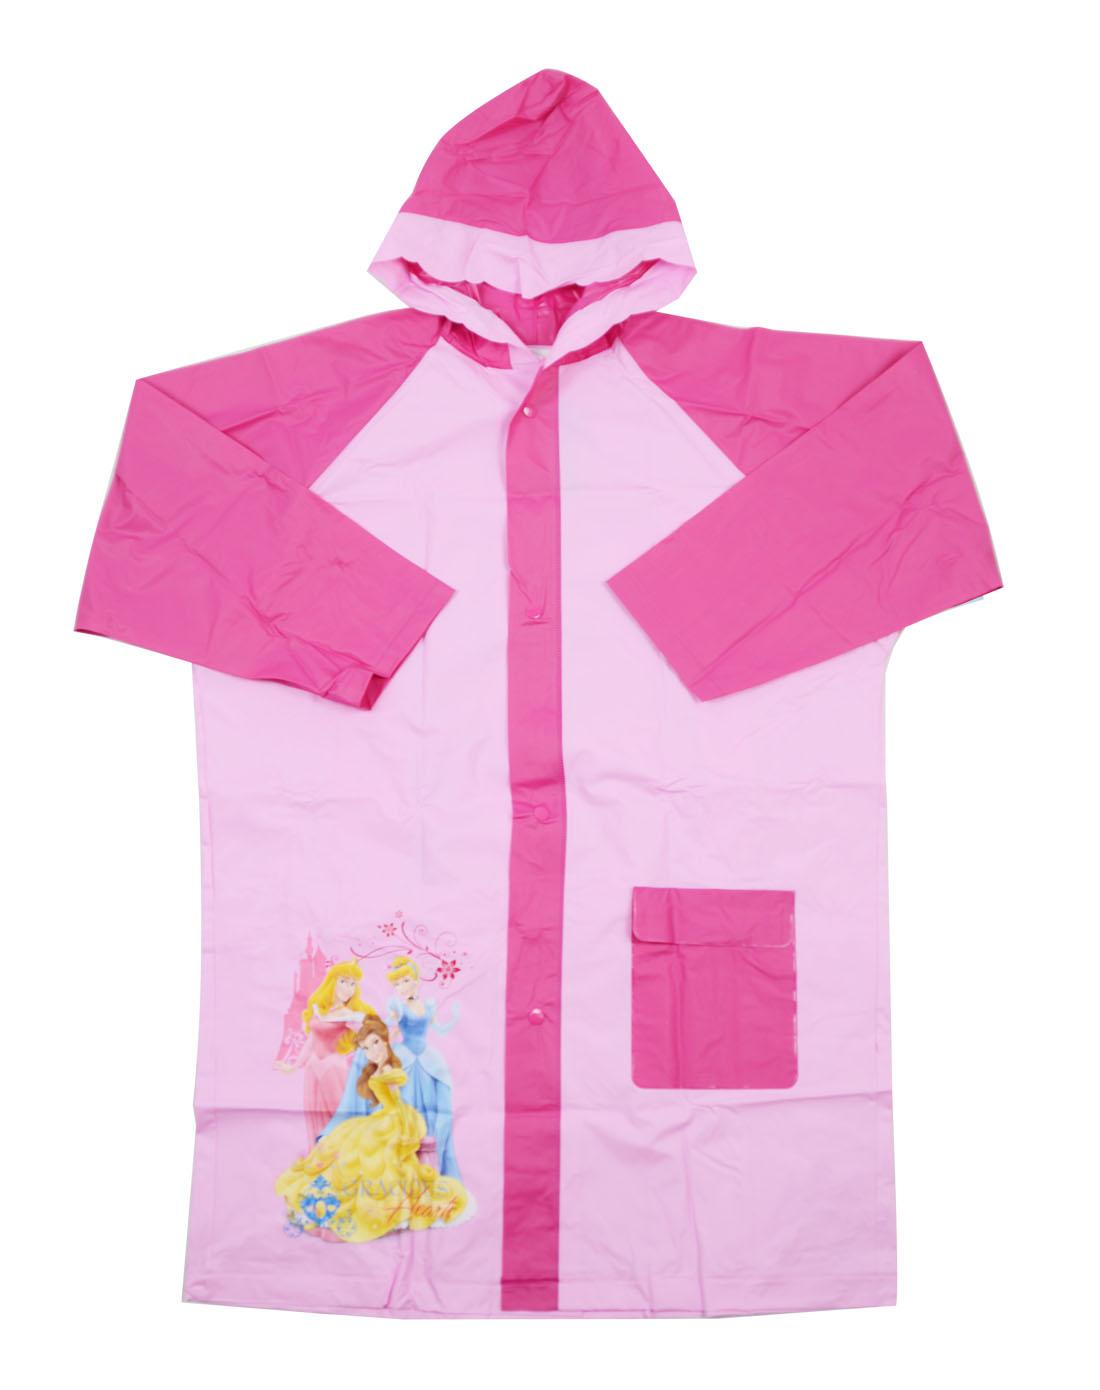 迪士尼disney儿童用品专场女童公主卡通粉红色雨衣 袋